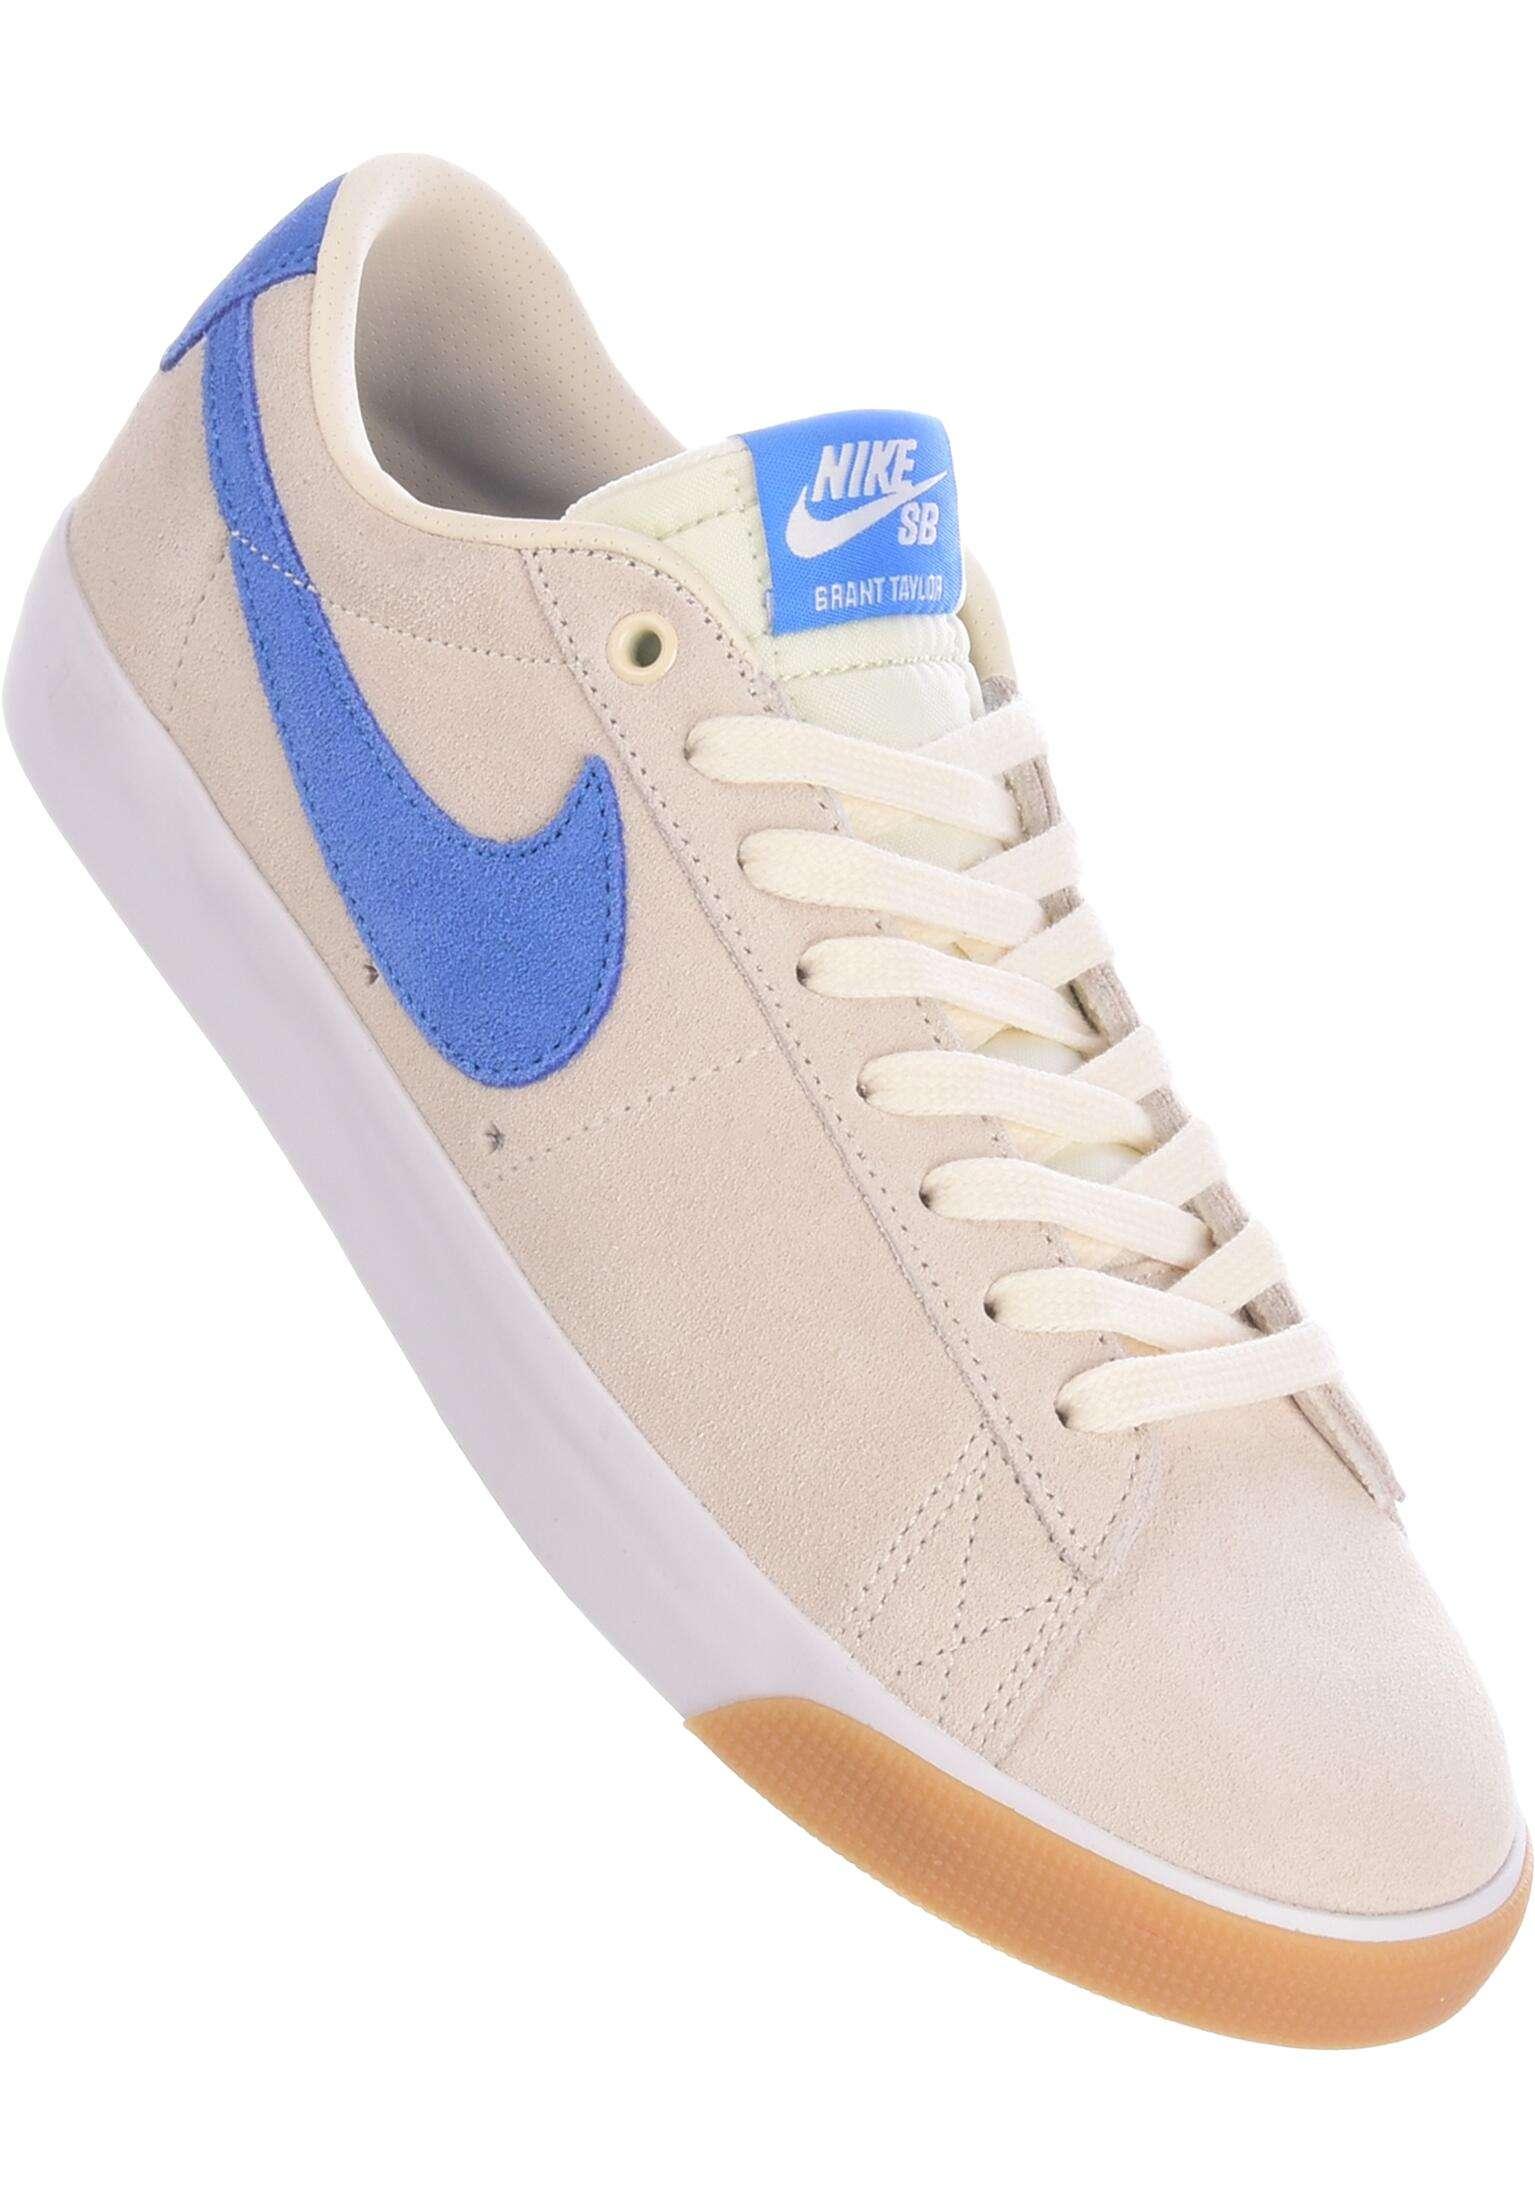 Perfecto Nike SB Blazer Zoom Low Zapatillas de skateboard